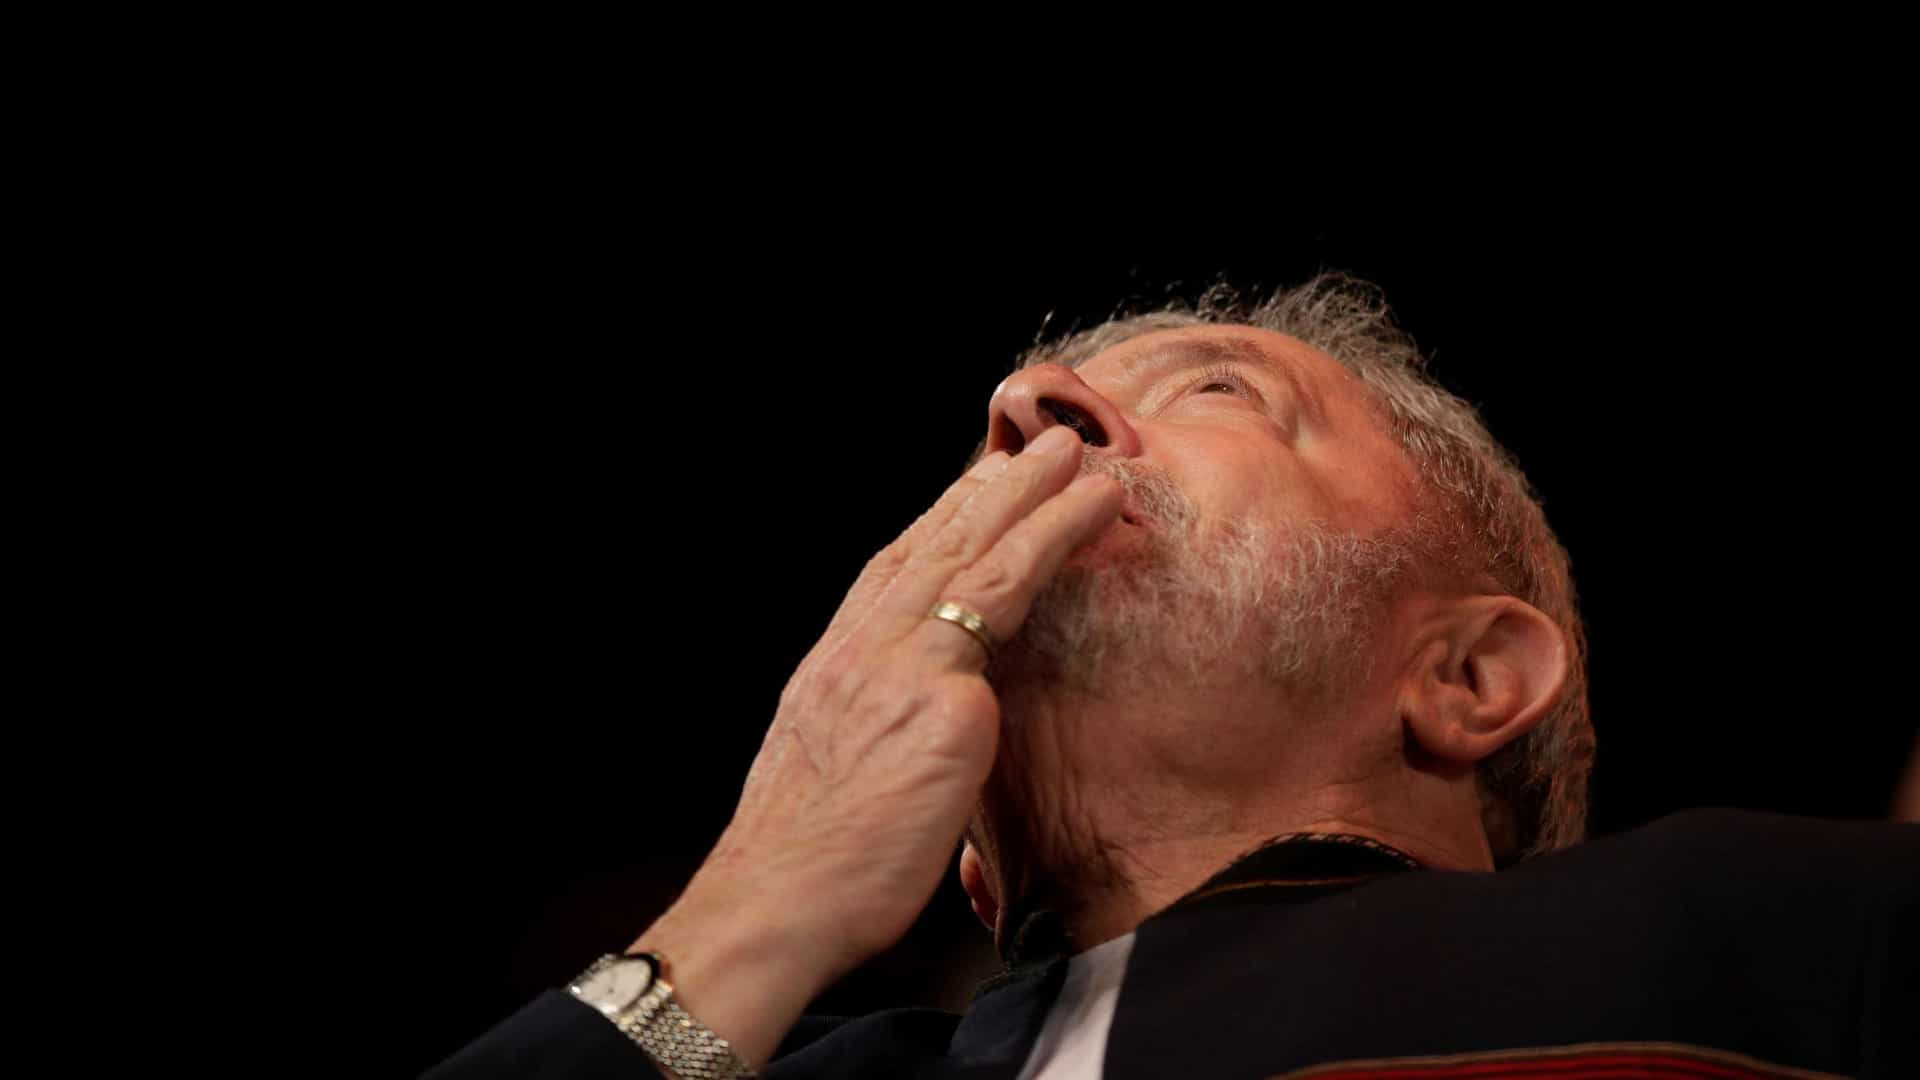 Habeas corpus de Maluf pode abrir brecha para soltura de Lula; entenda